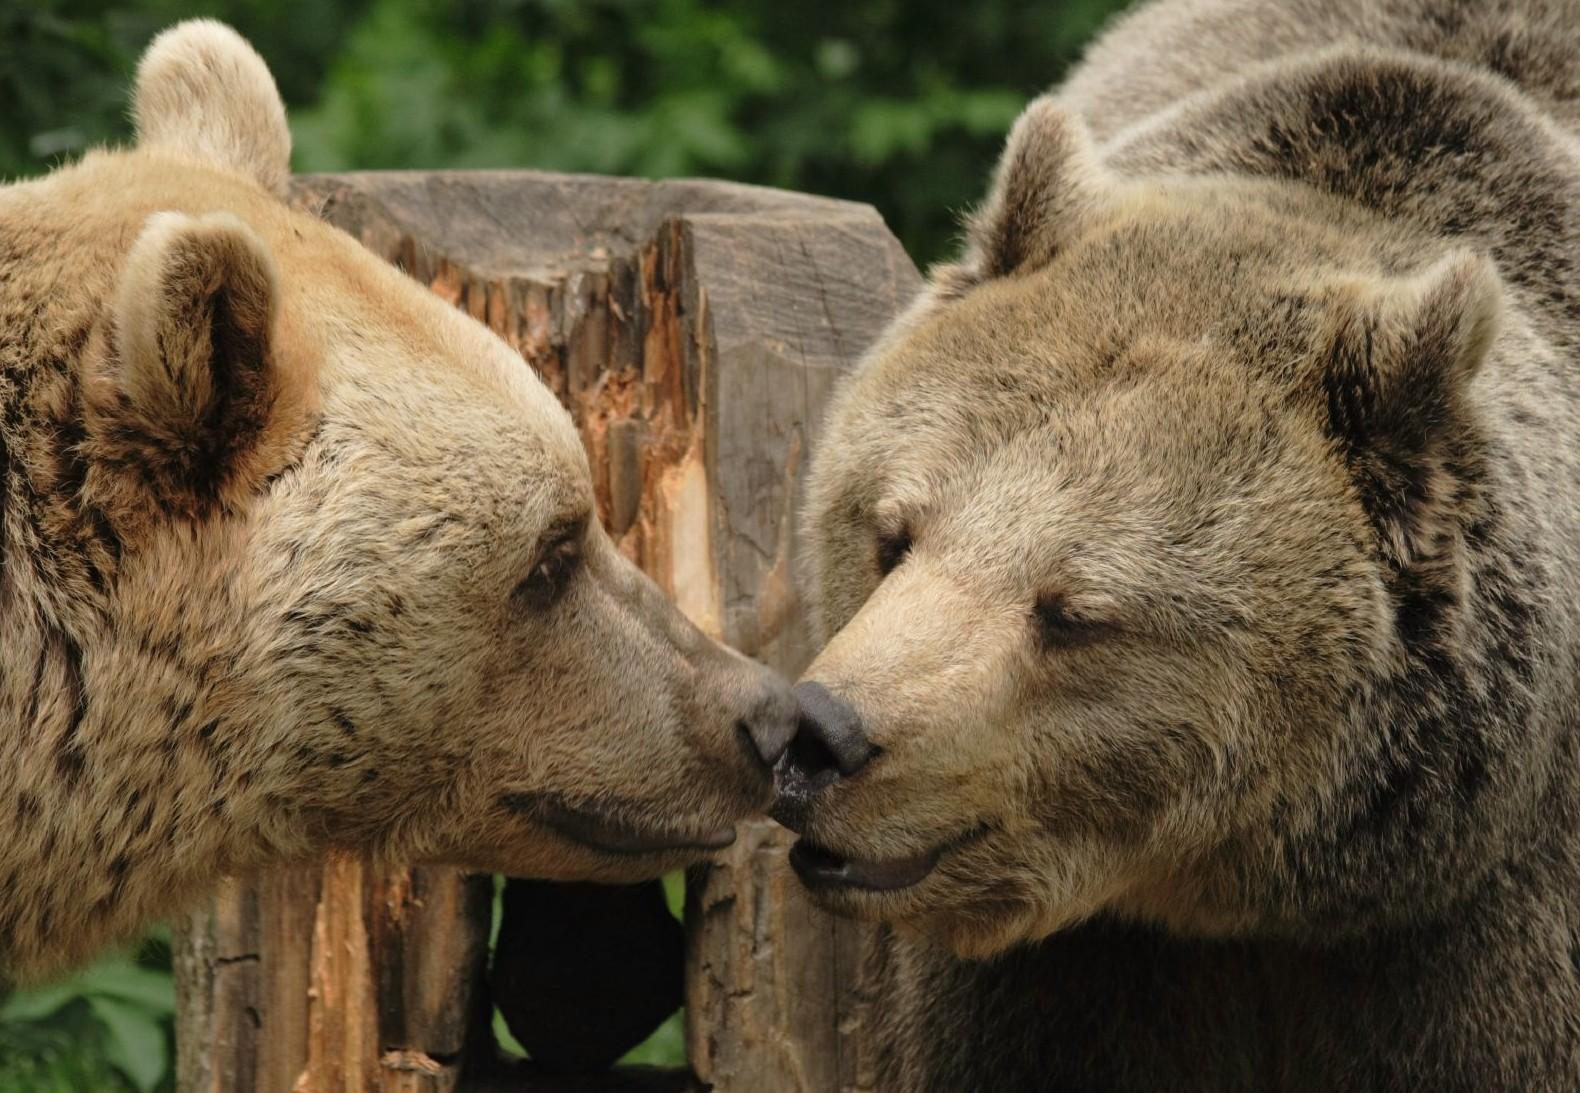 Brown bears Vinzenz and Liese